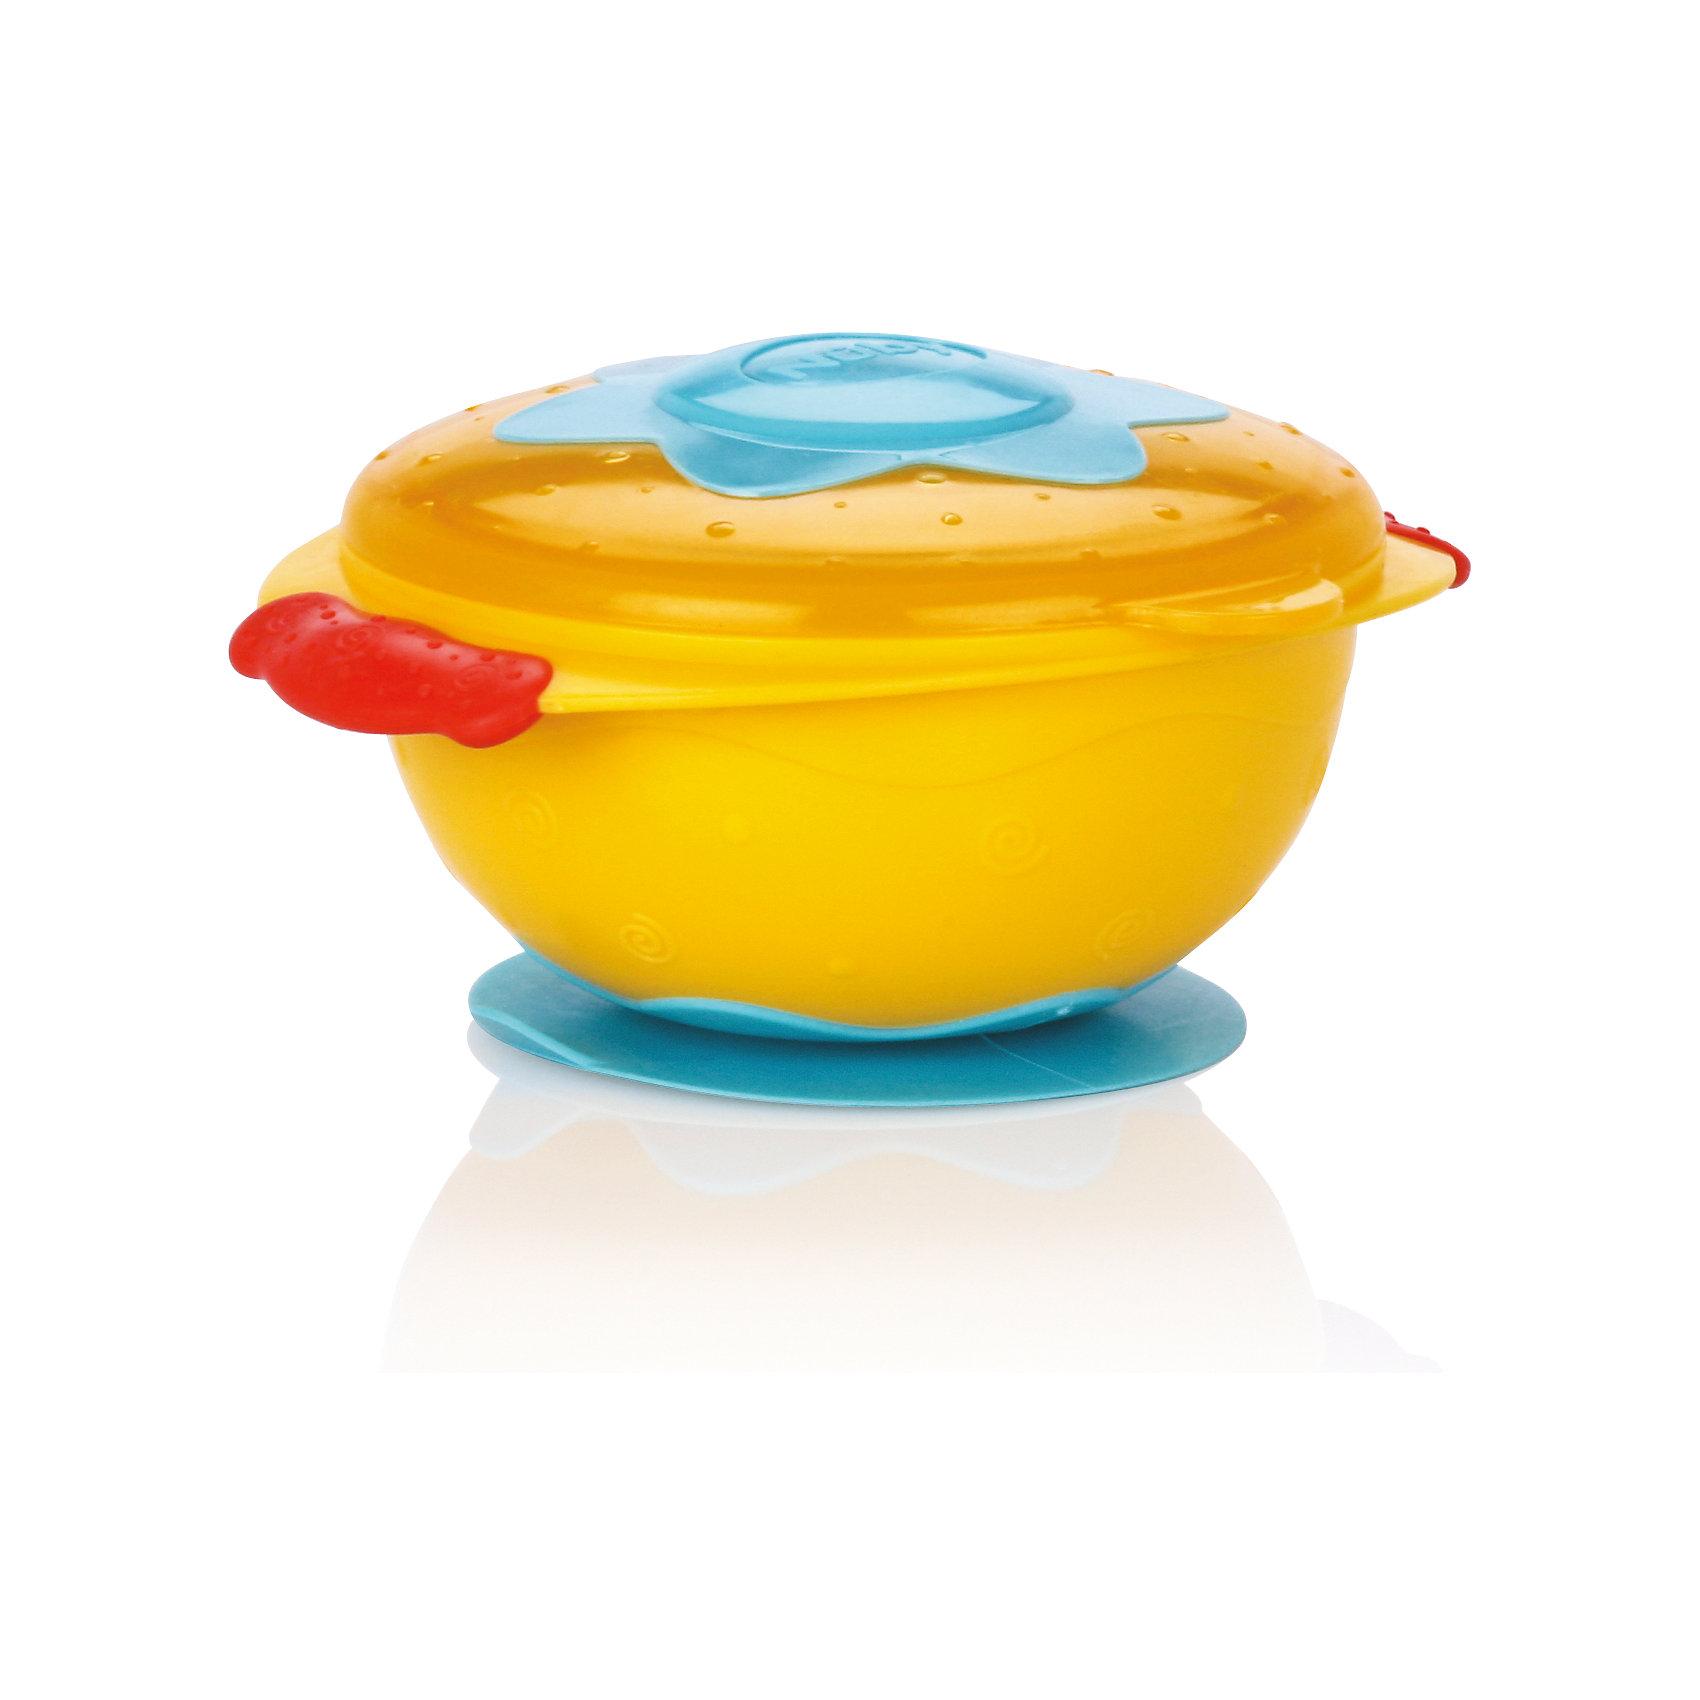 Тарелка на присоске для СВЧ, Nuby, желтыйТарелки<br>Тарелка на присоске Nuby для микроволновой печи. <br>Процесс кормления ребенка должен быть легким для мамы и интересным для малыша. Именно эту задачу выполняет серия «Улёт! посуда». Тарелка изготовлена из прочного небьющегося пластика и подходит для ежедневного кормления ребенка. Ее удобно использовать во время путешествий или прогулок. Такую тарелку легко держать как левой, так и правой рукой. <br>Она достаточно глубокая и подходит для хранения любого вида пищи. Плотная крышка надежно закрывается и не допускает протекания или вытекания содержимого. Вы можете выбирать и комбинировать предметы серии «Улёт! посуда» по своему вкусу. <br>Тарелку на присоске Nuby для микроволновой печи можно купить в нашем интернет магазине.<br><br>Ширина мм: 159<br>Глубина мм: 223<br>Высота мм: 132<br>Вес г: 136<br>Цвет: желтый<br>Возраст от месяцев: 9<br>Возраст до месяцев: 24<br>Пол: Унисекс<br>Возраст: Детский<br>SKU: 4385874